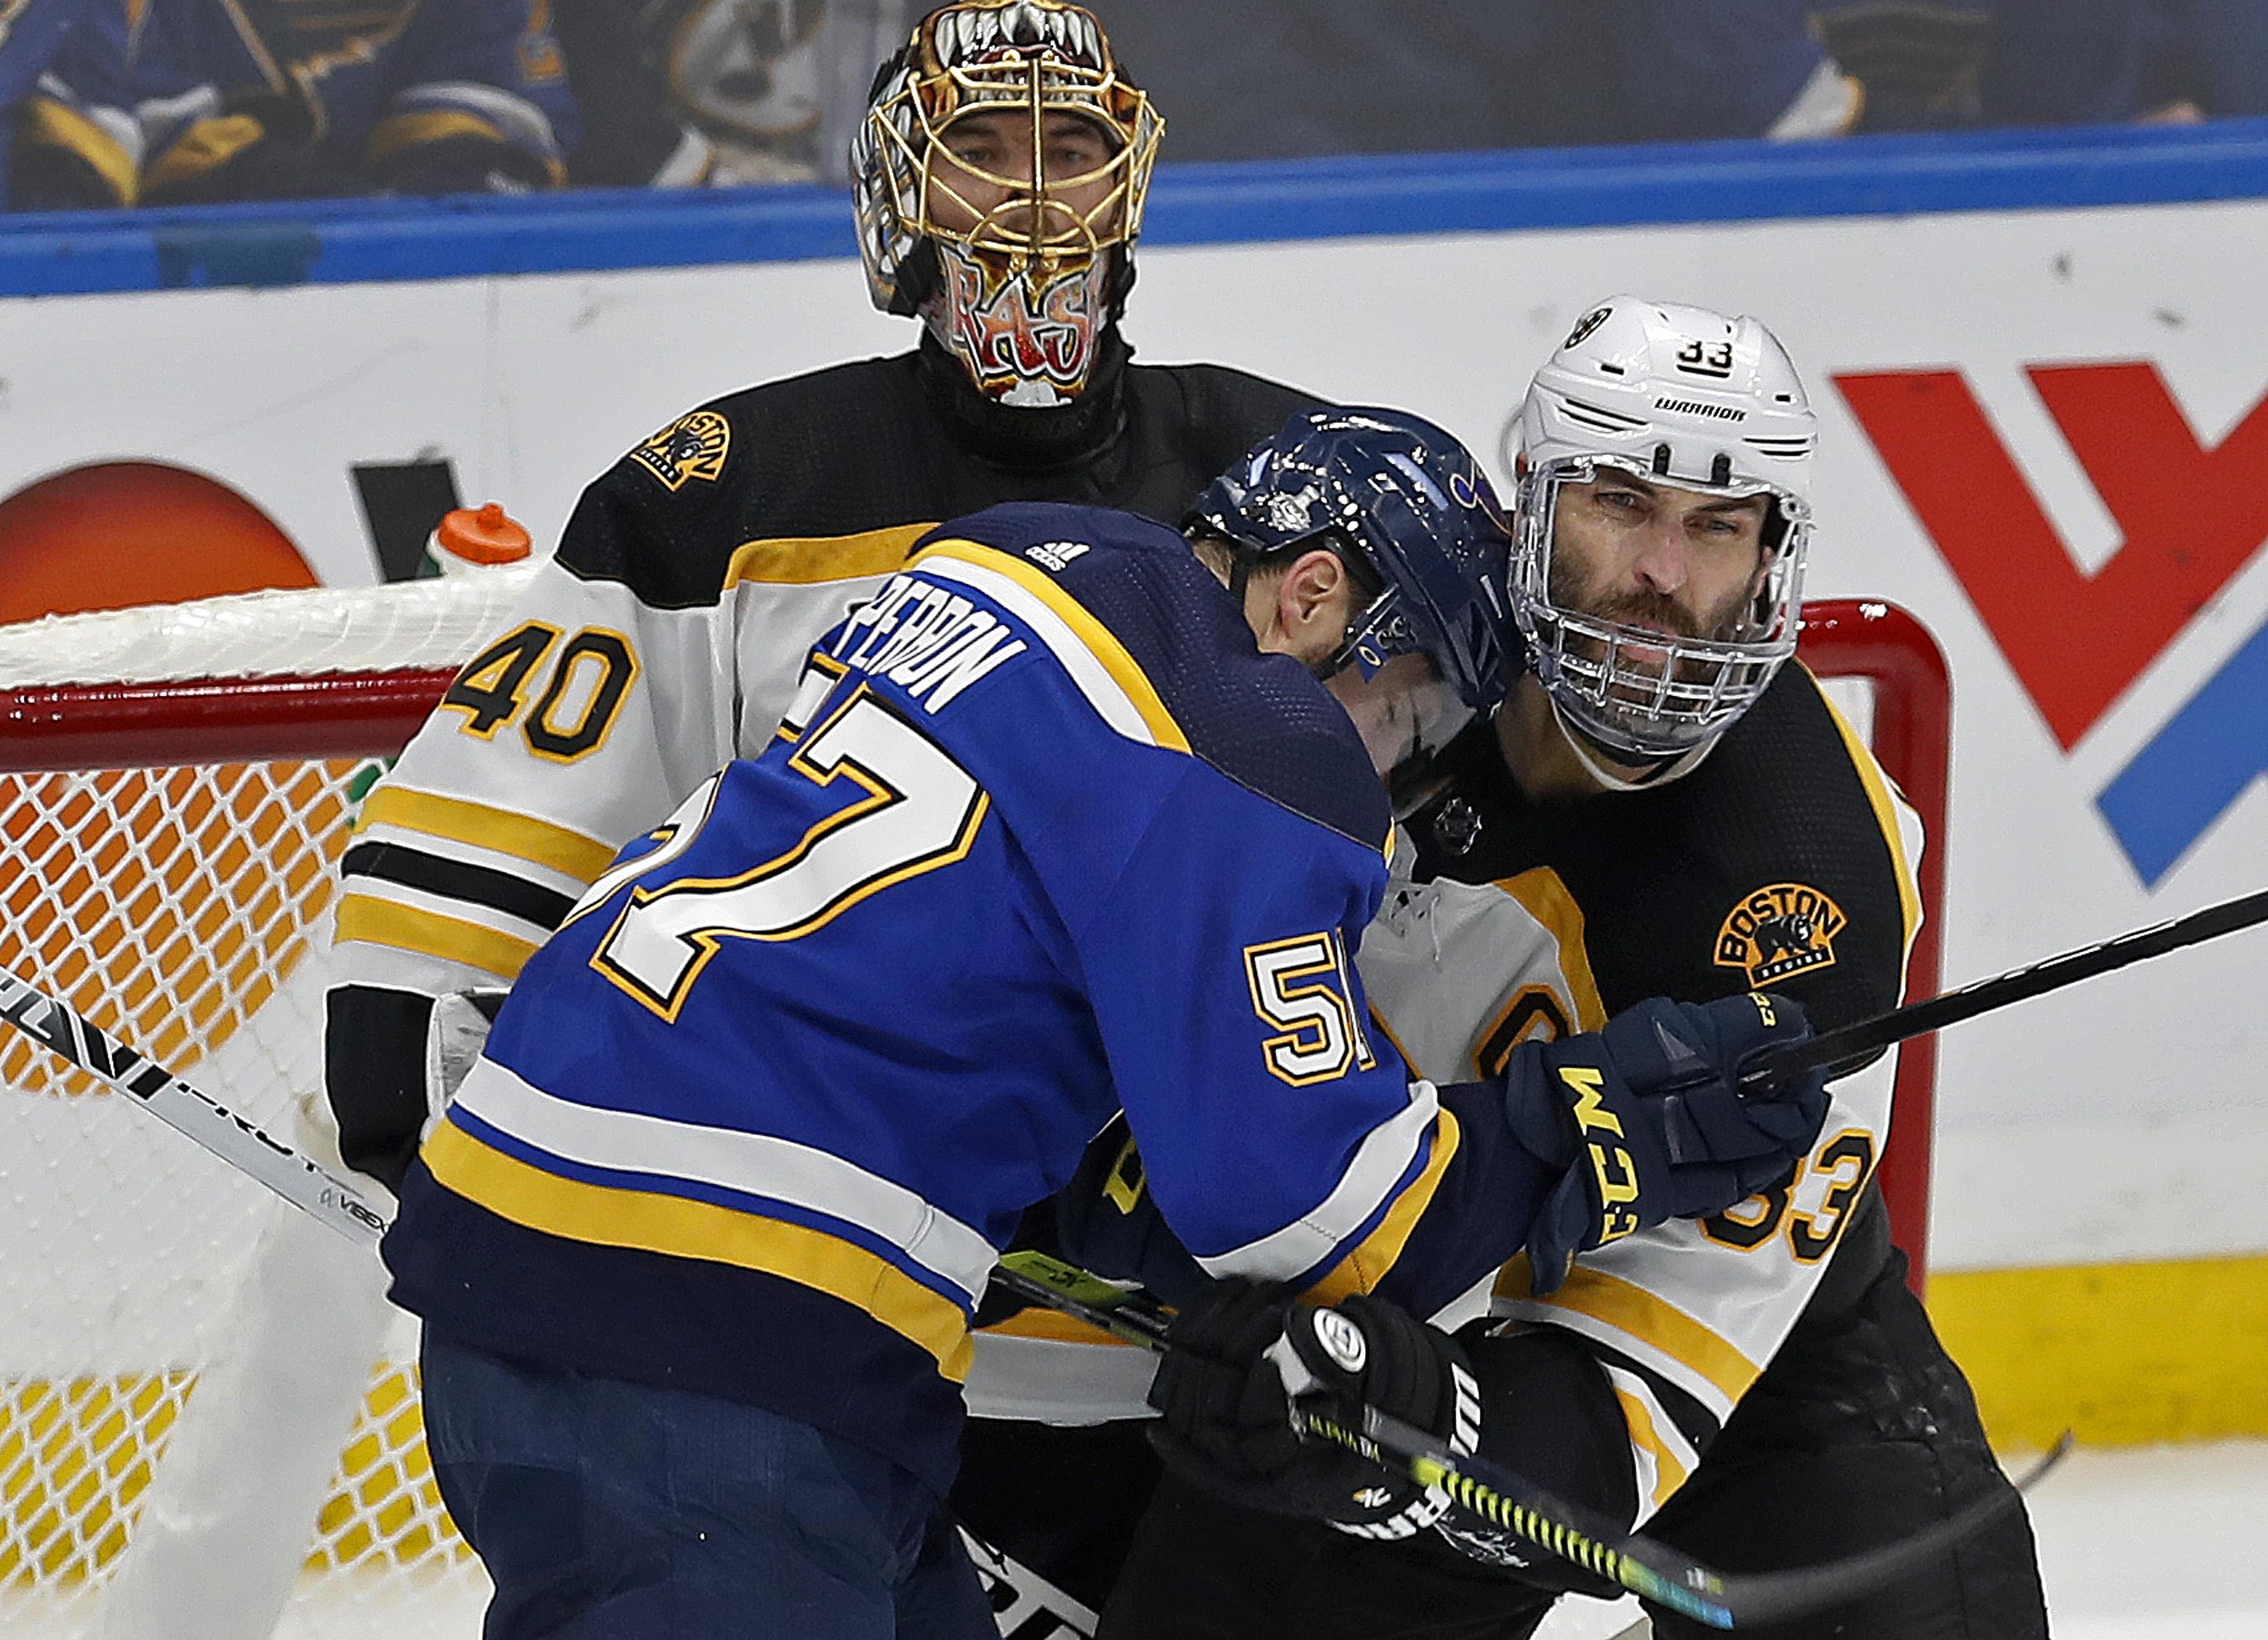 2019 Stanley Cup Finals: St. Louis Blues Vs Boston Bruins At Enterprise Center